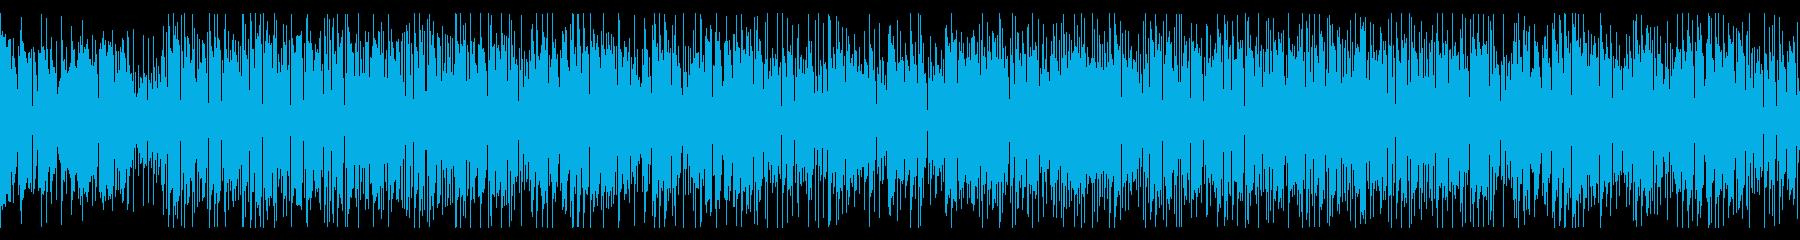 クールなギターカッティング/ファンク調の再生済みの波形